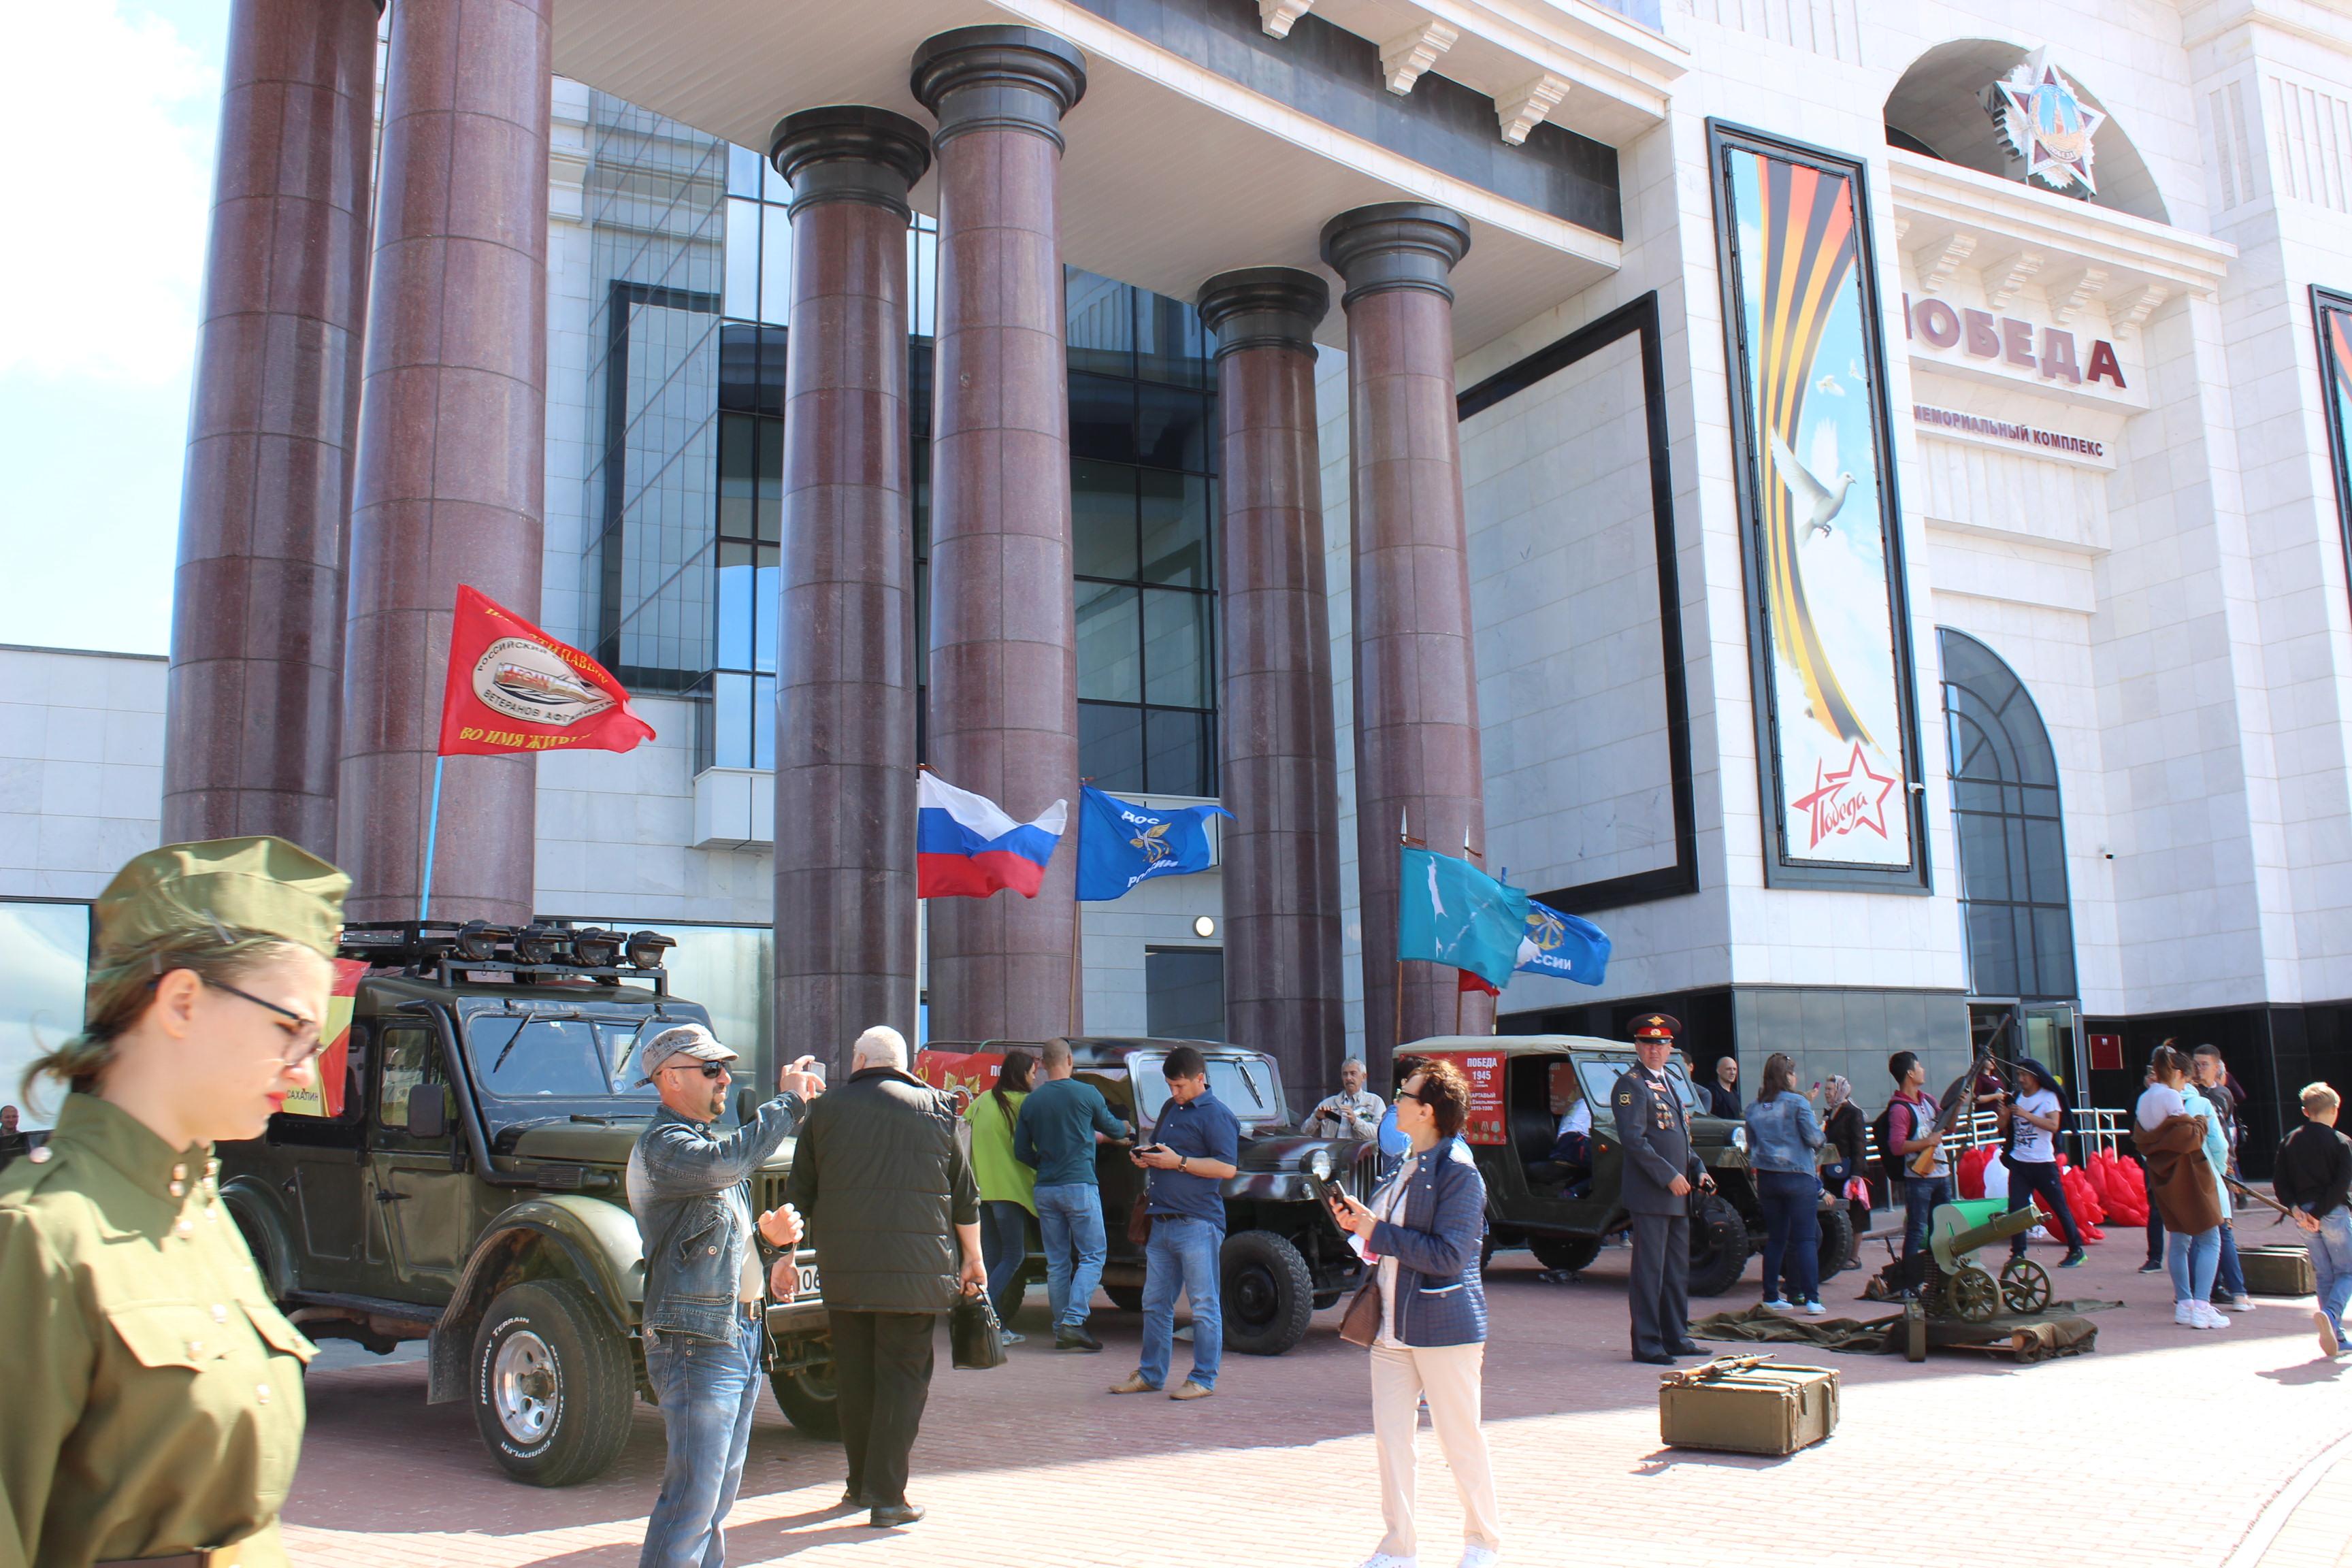 Выставка раритетной автомототехники в честь дня освобождения Сахалина и Курил от японских милитаристов.